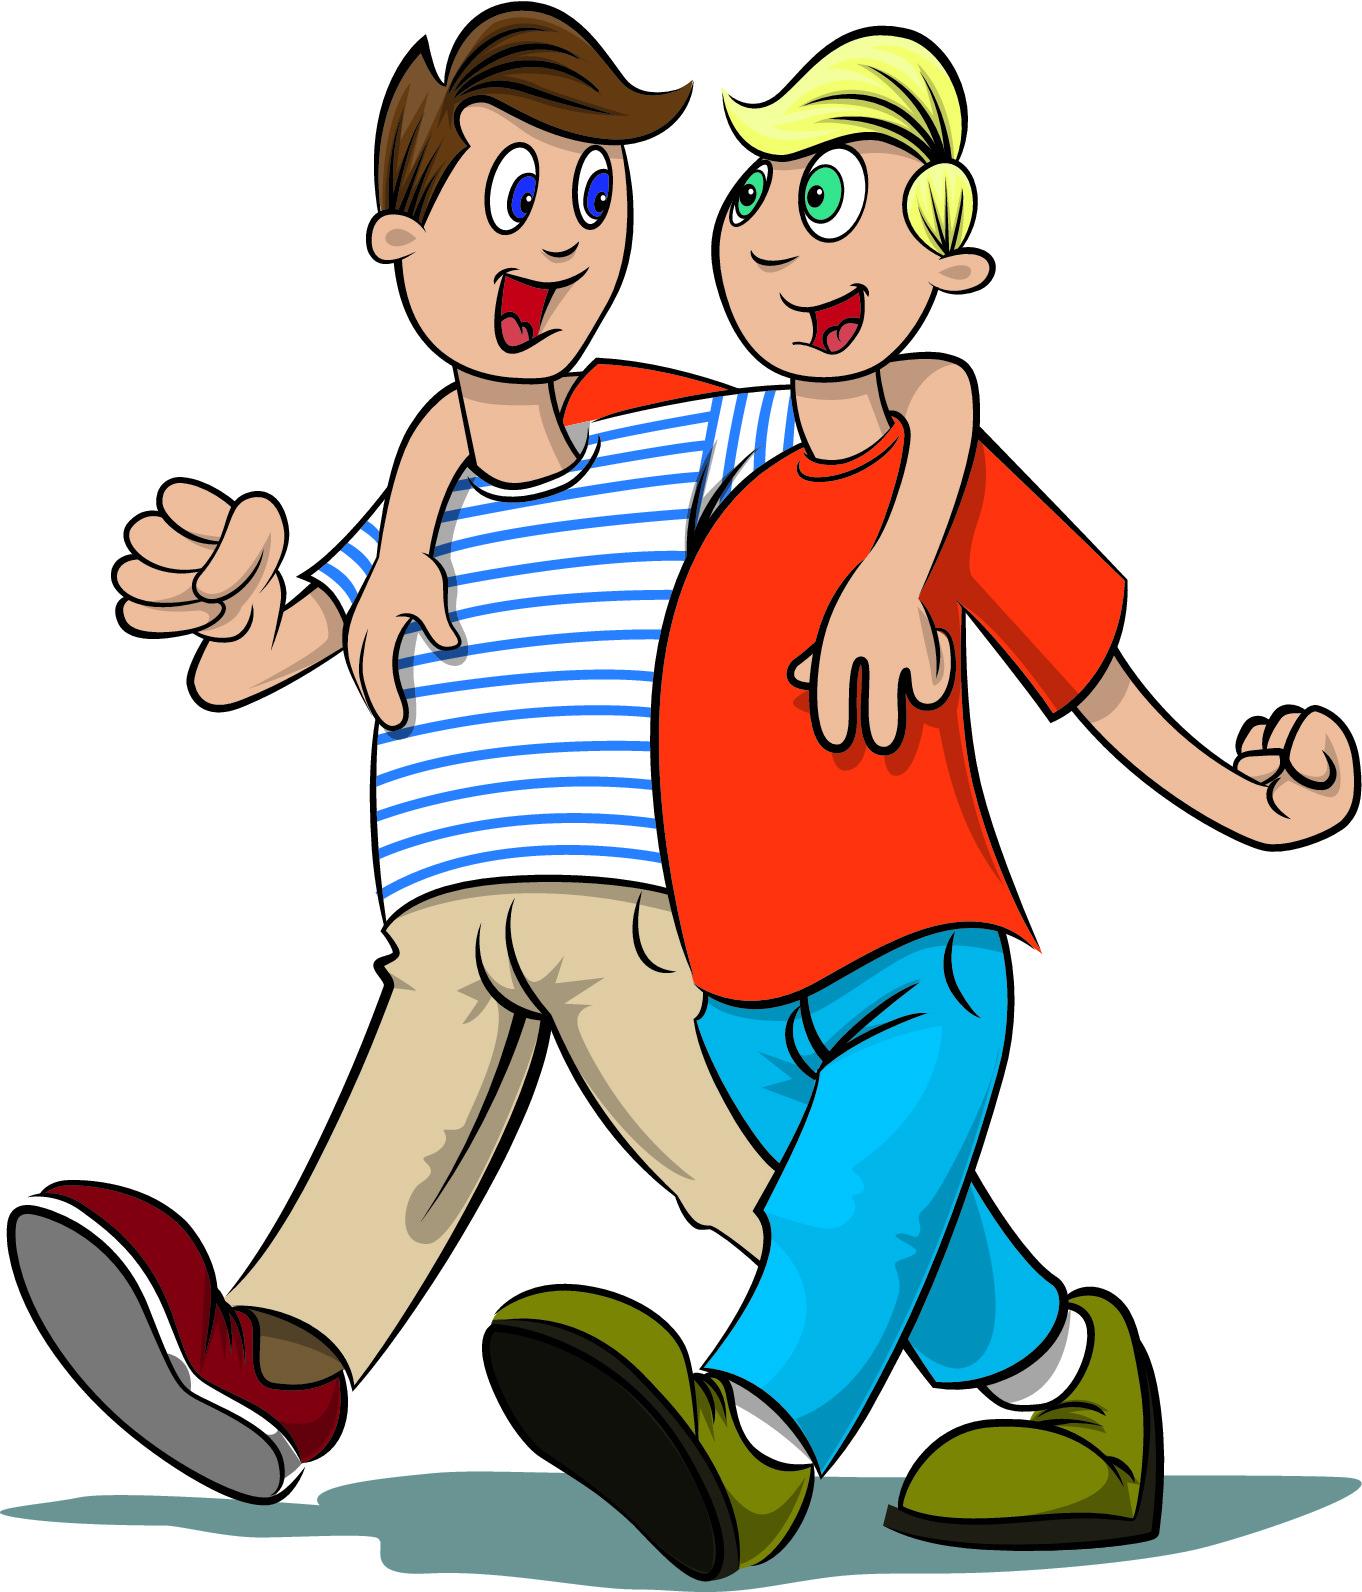 я и мой брат смешные рисунки лицах самые